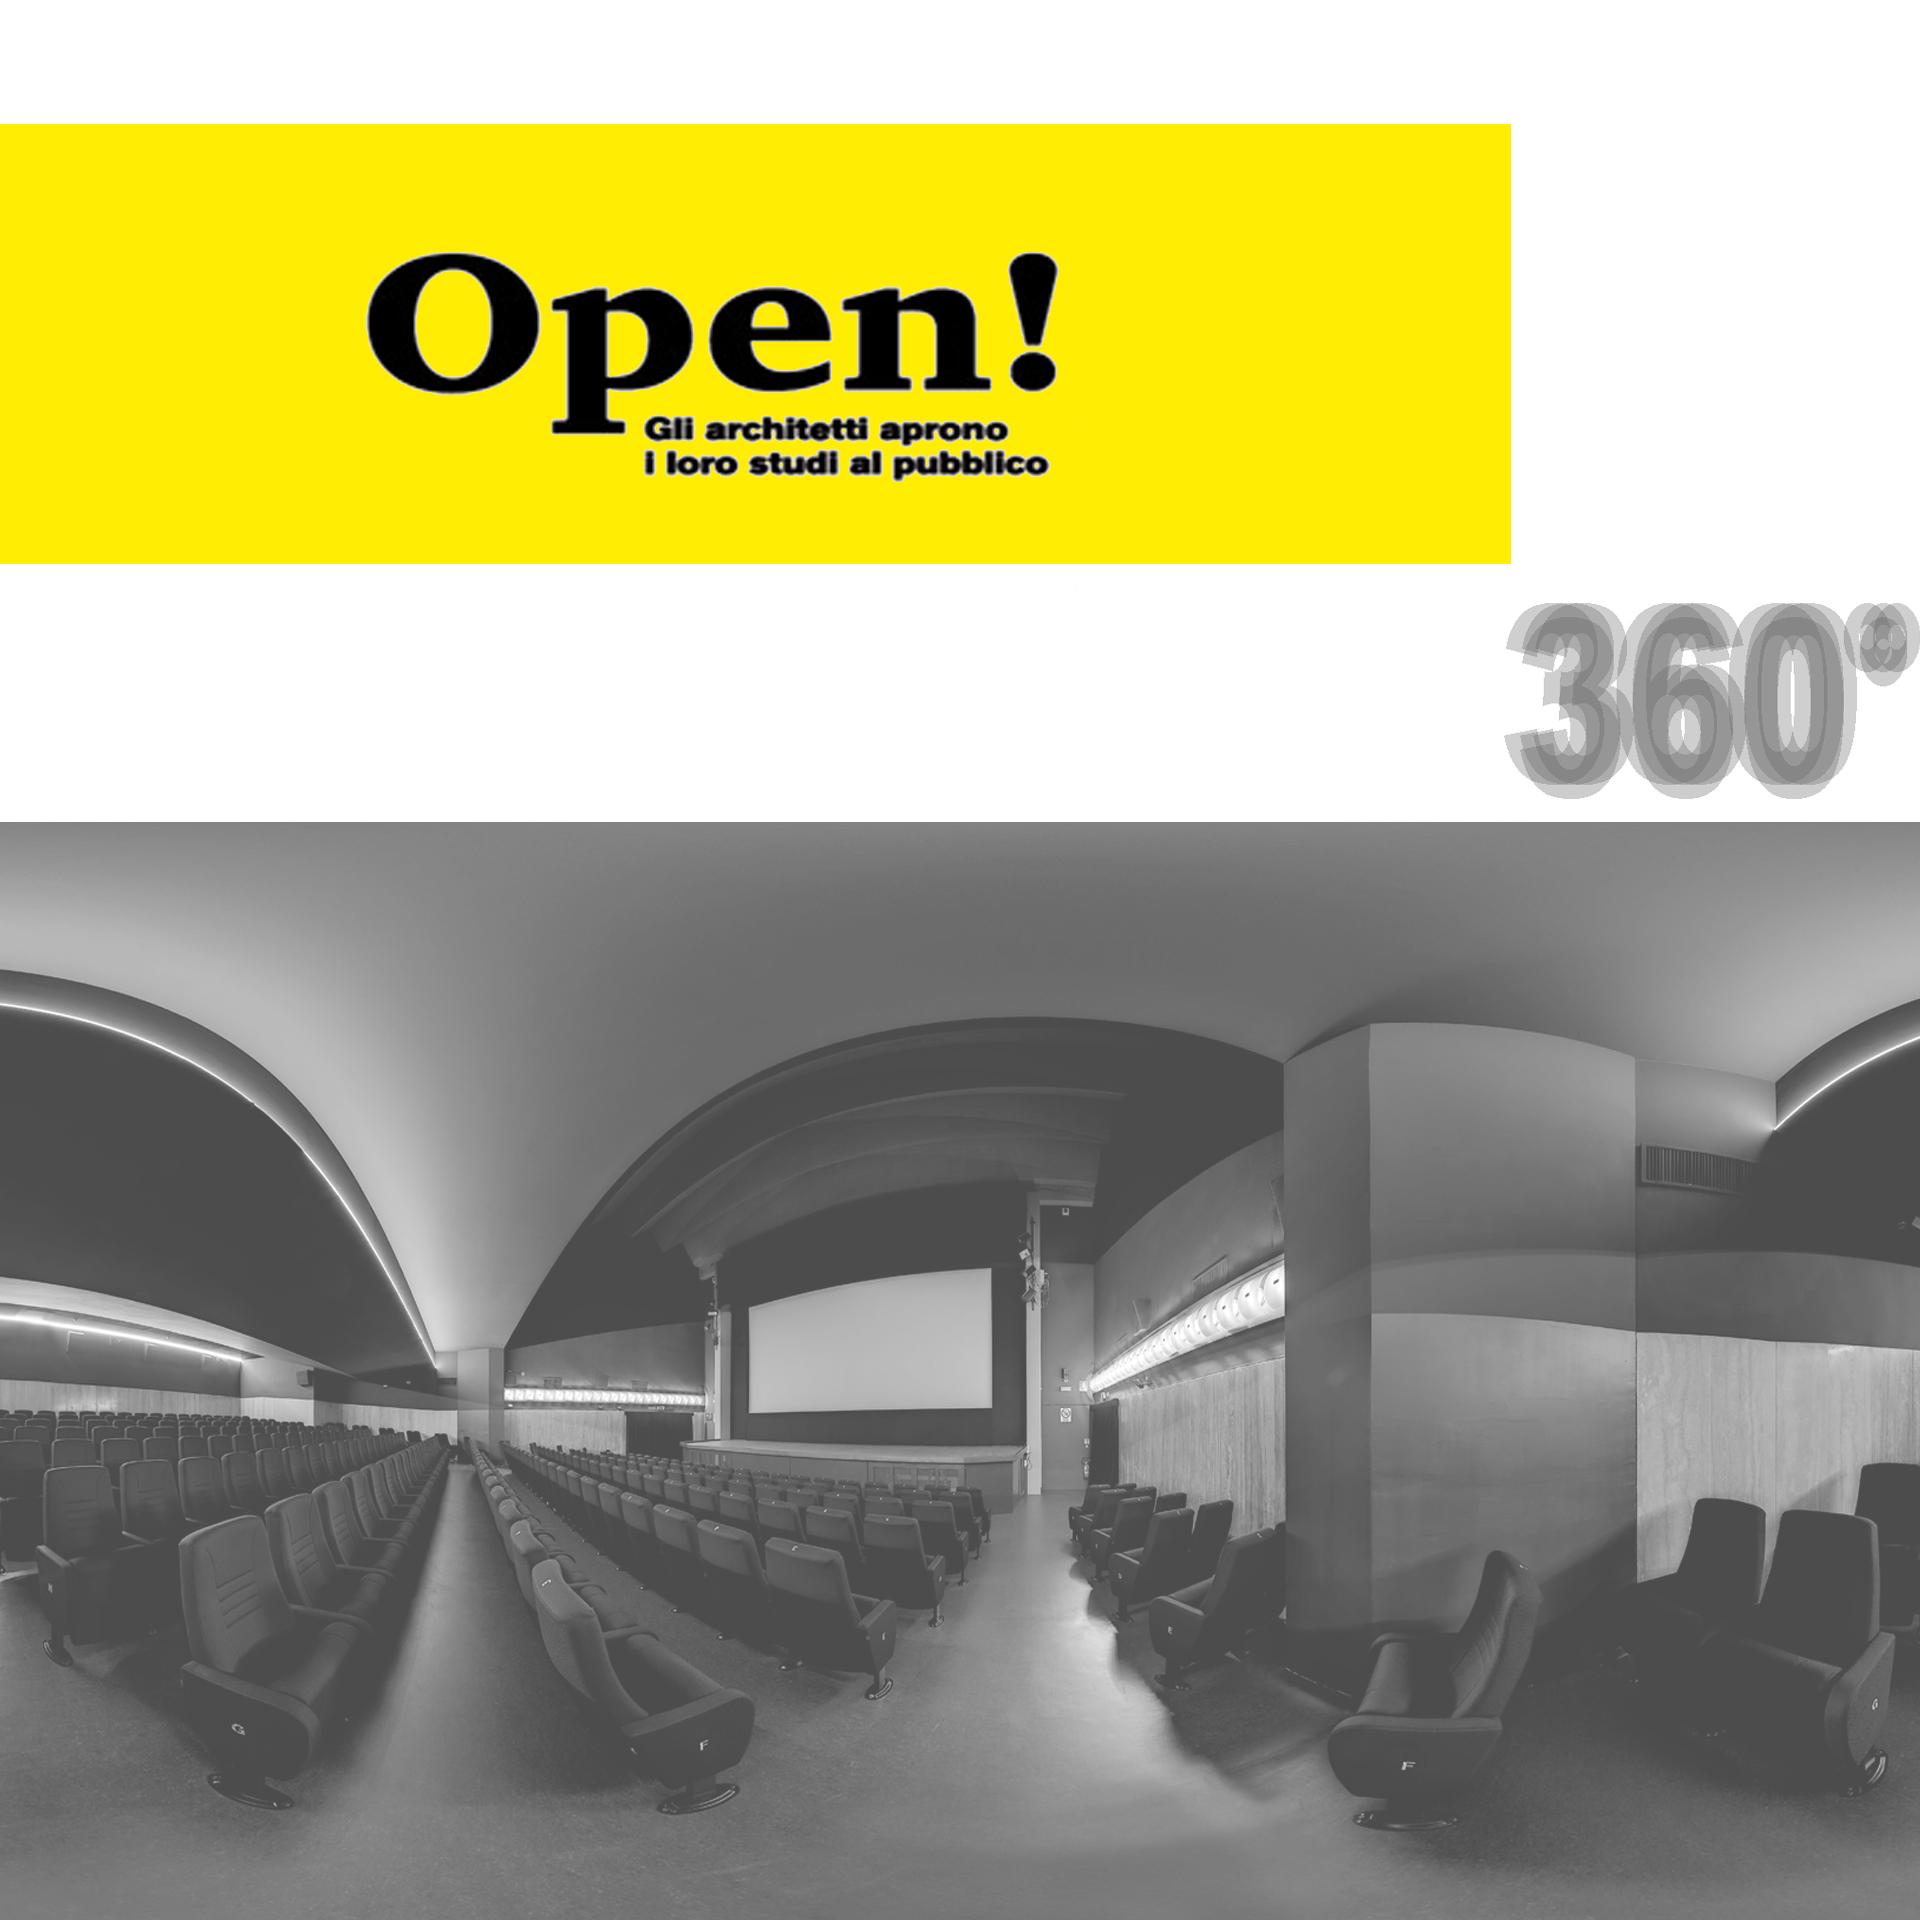 Fotografia a 360° di un ambiente interno